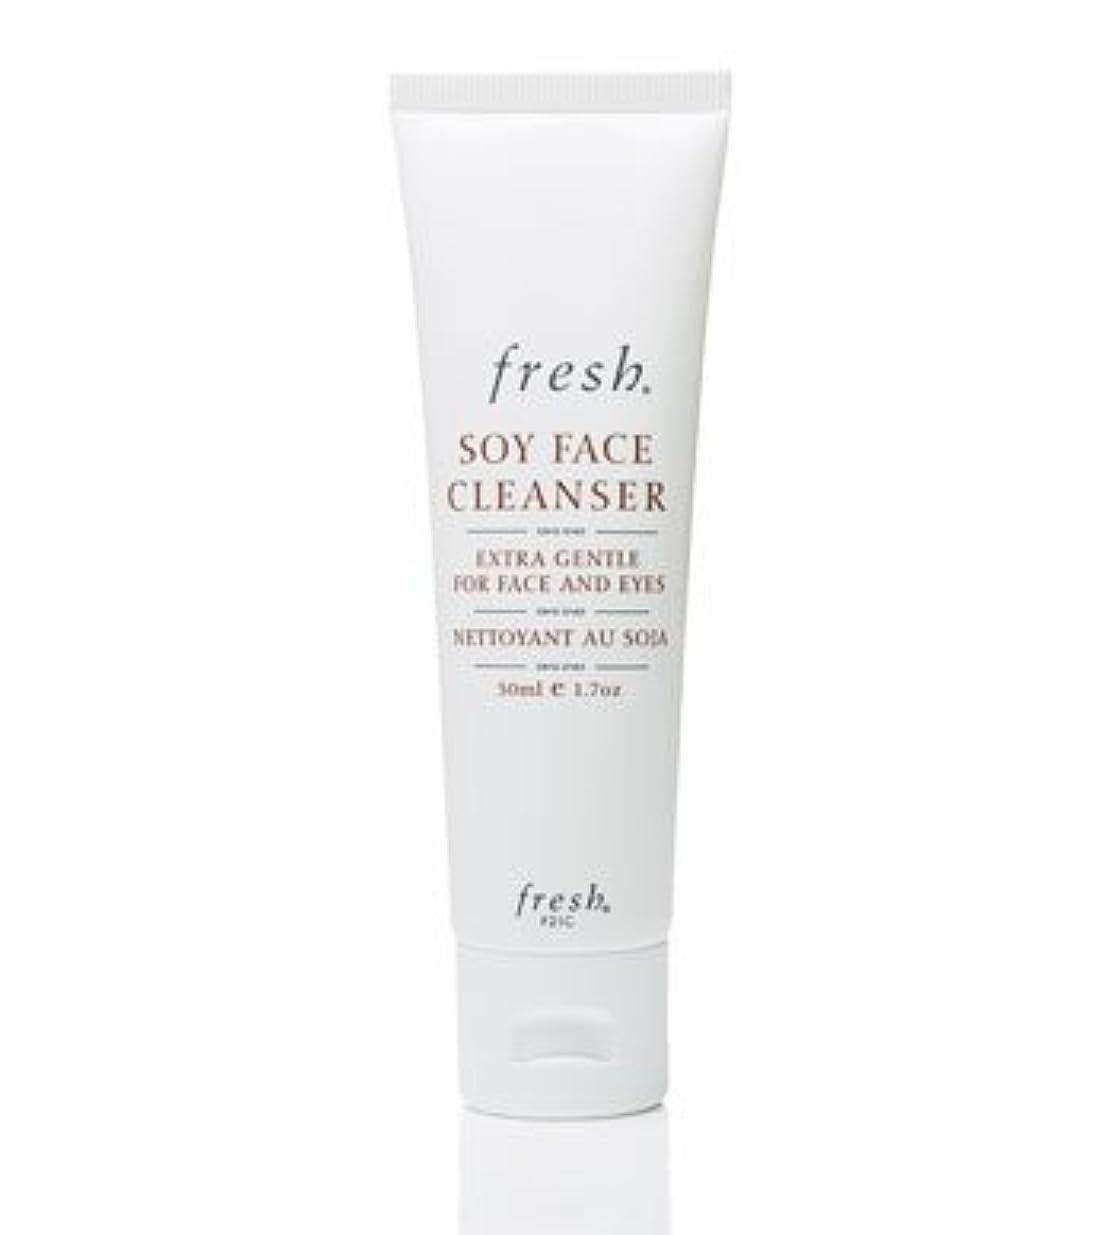 アラームビバについてFresh SOY FACE CLEANSER (フレッシュ ソイ フェイスクレンザー) 1.7 oz (50ml) by Fresh for Women